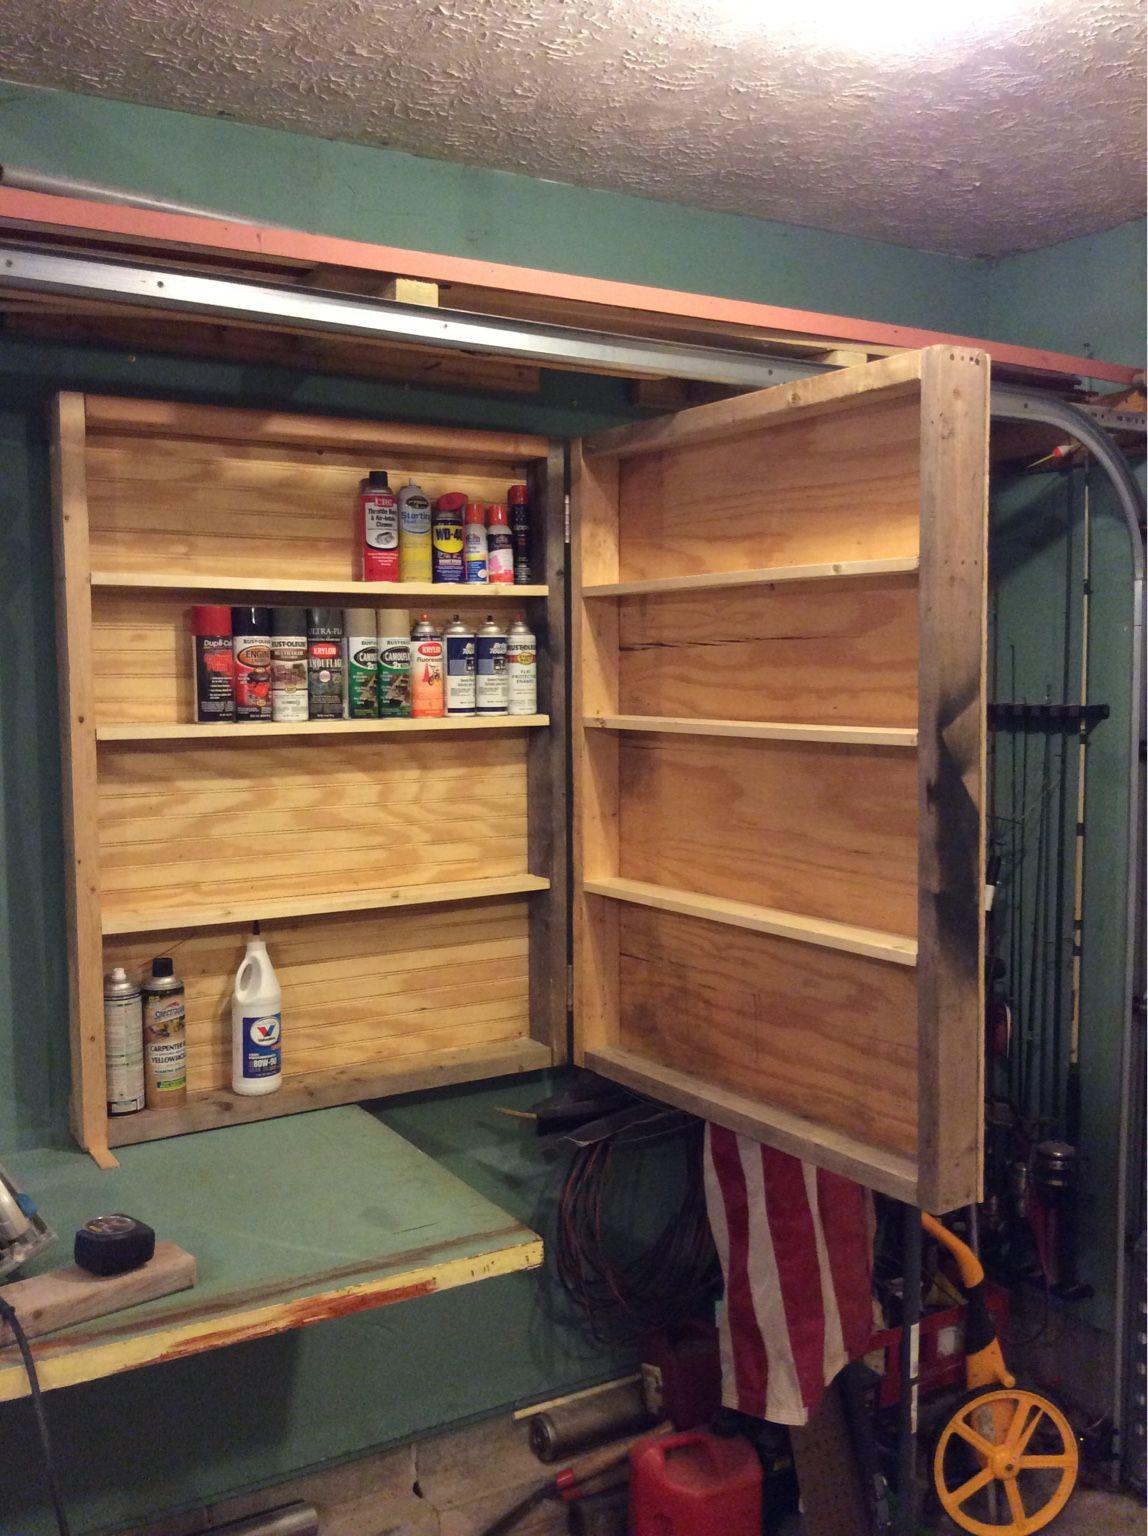 Neat storage ideas! - Page 65 - The Garage Journal & Whatu0027s on your walls? Neat storage ideas! - Page 65 - The Garage ...